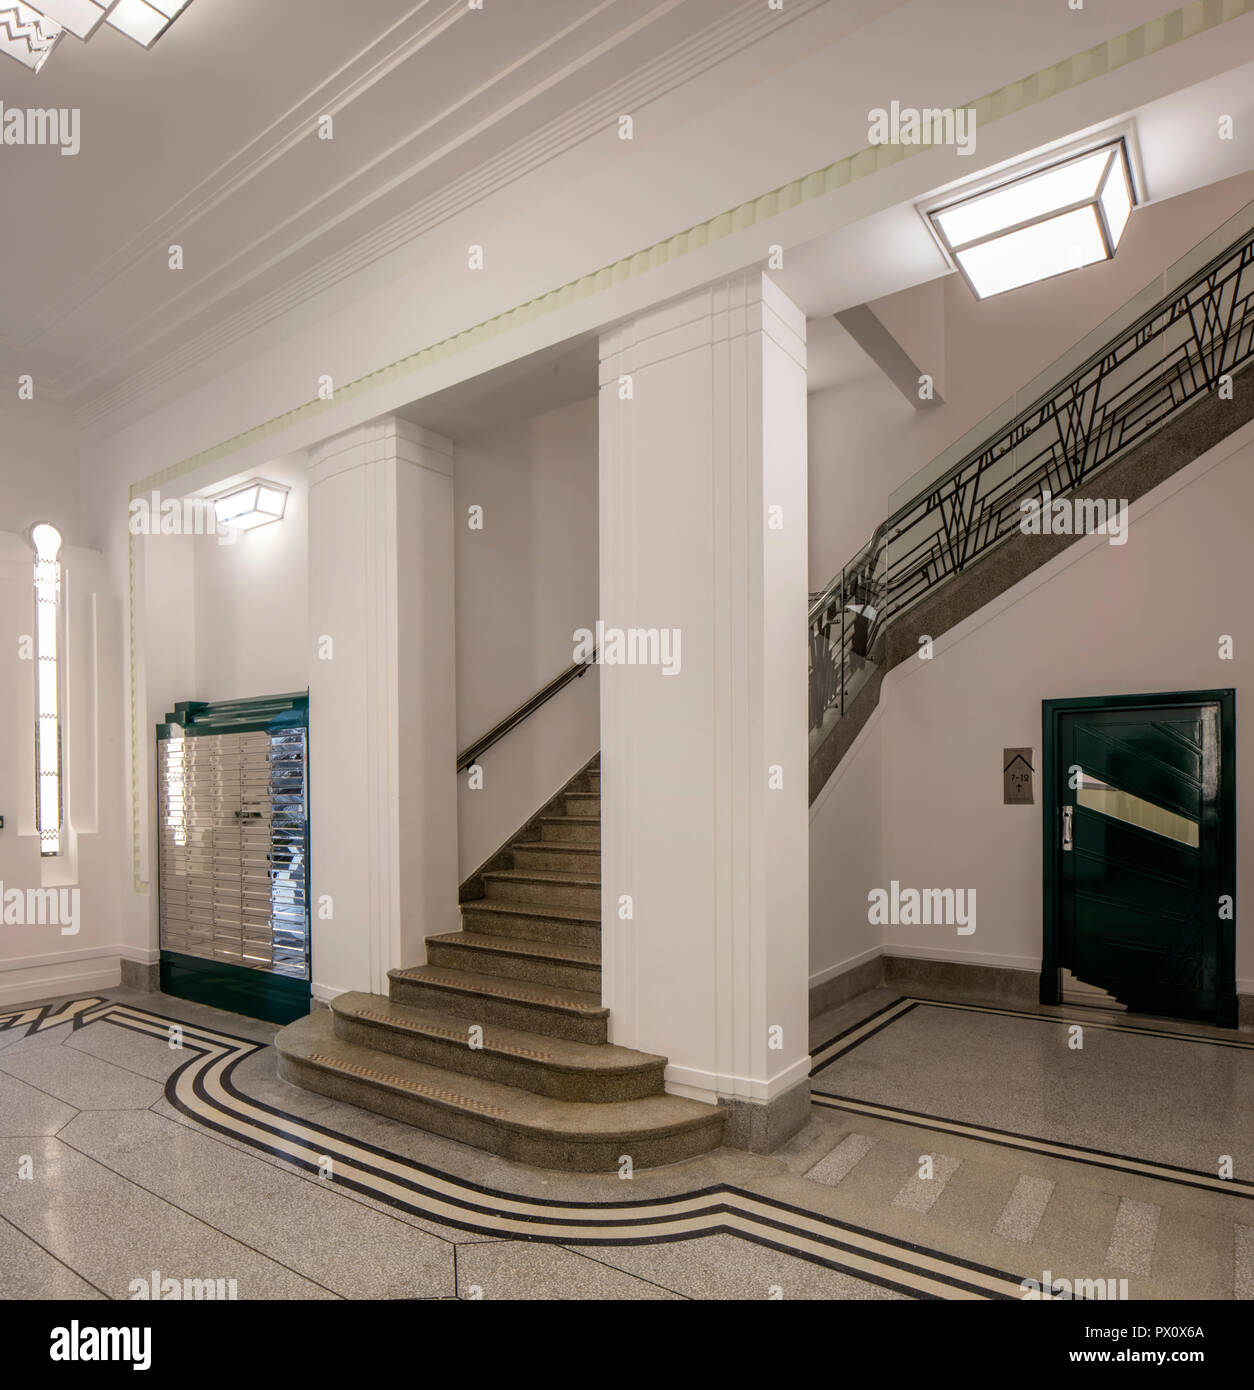 Art Et Decoration Escalier